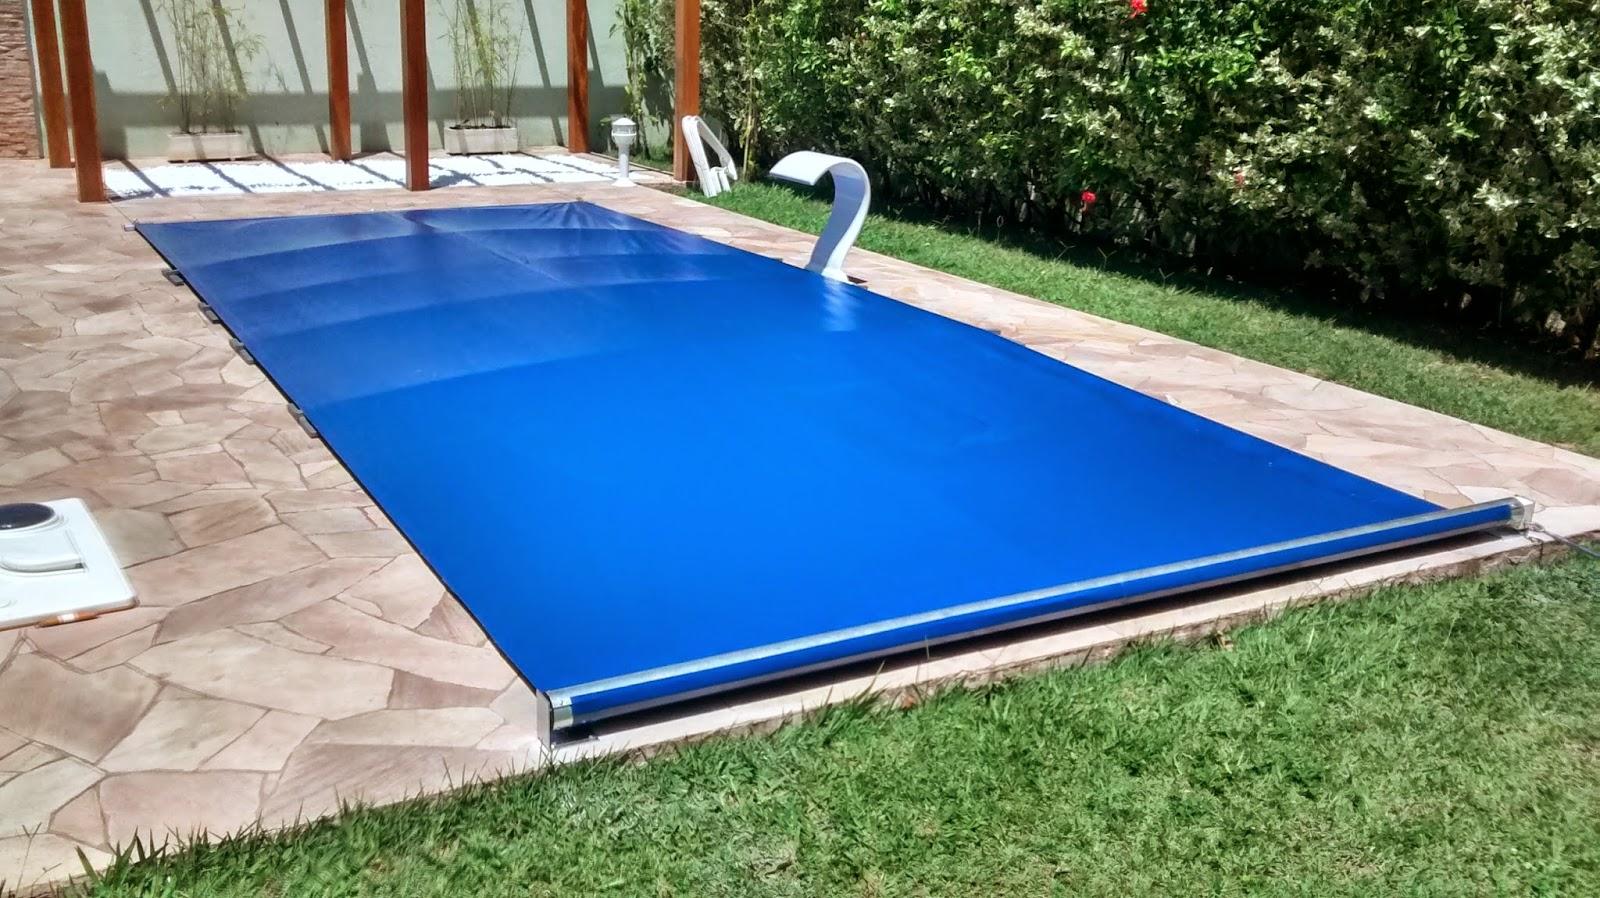 Capa de piscina de enrolar toldos garcia for Toldos para piscinas